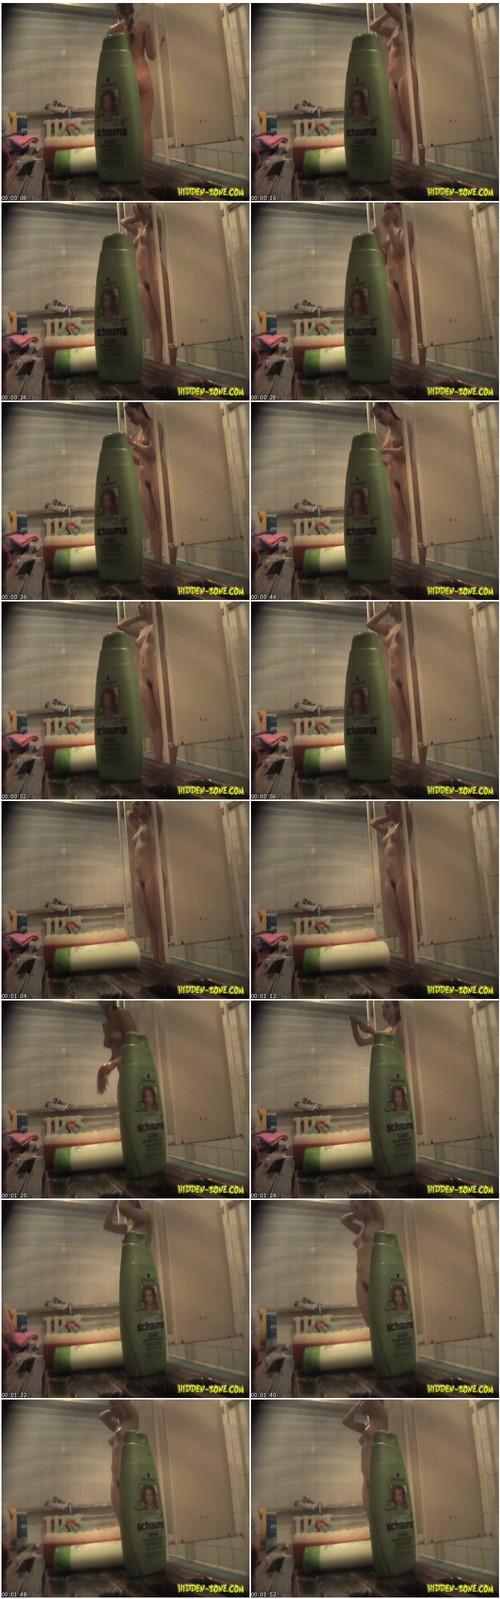 http://ist5-1.filesor.com/pimpandhost.com/9/6/8/3/96838/6/e/x/V/6exVd/Hidden-zoneShower%20Room541_thumb_m.jpg